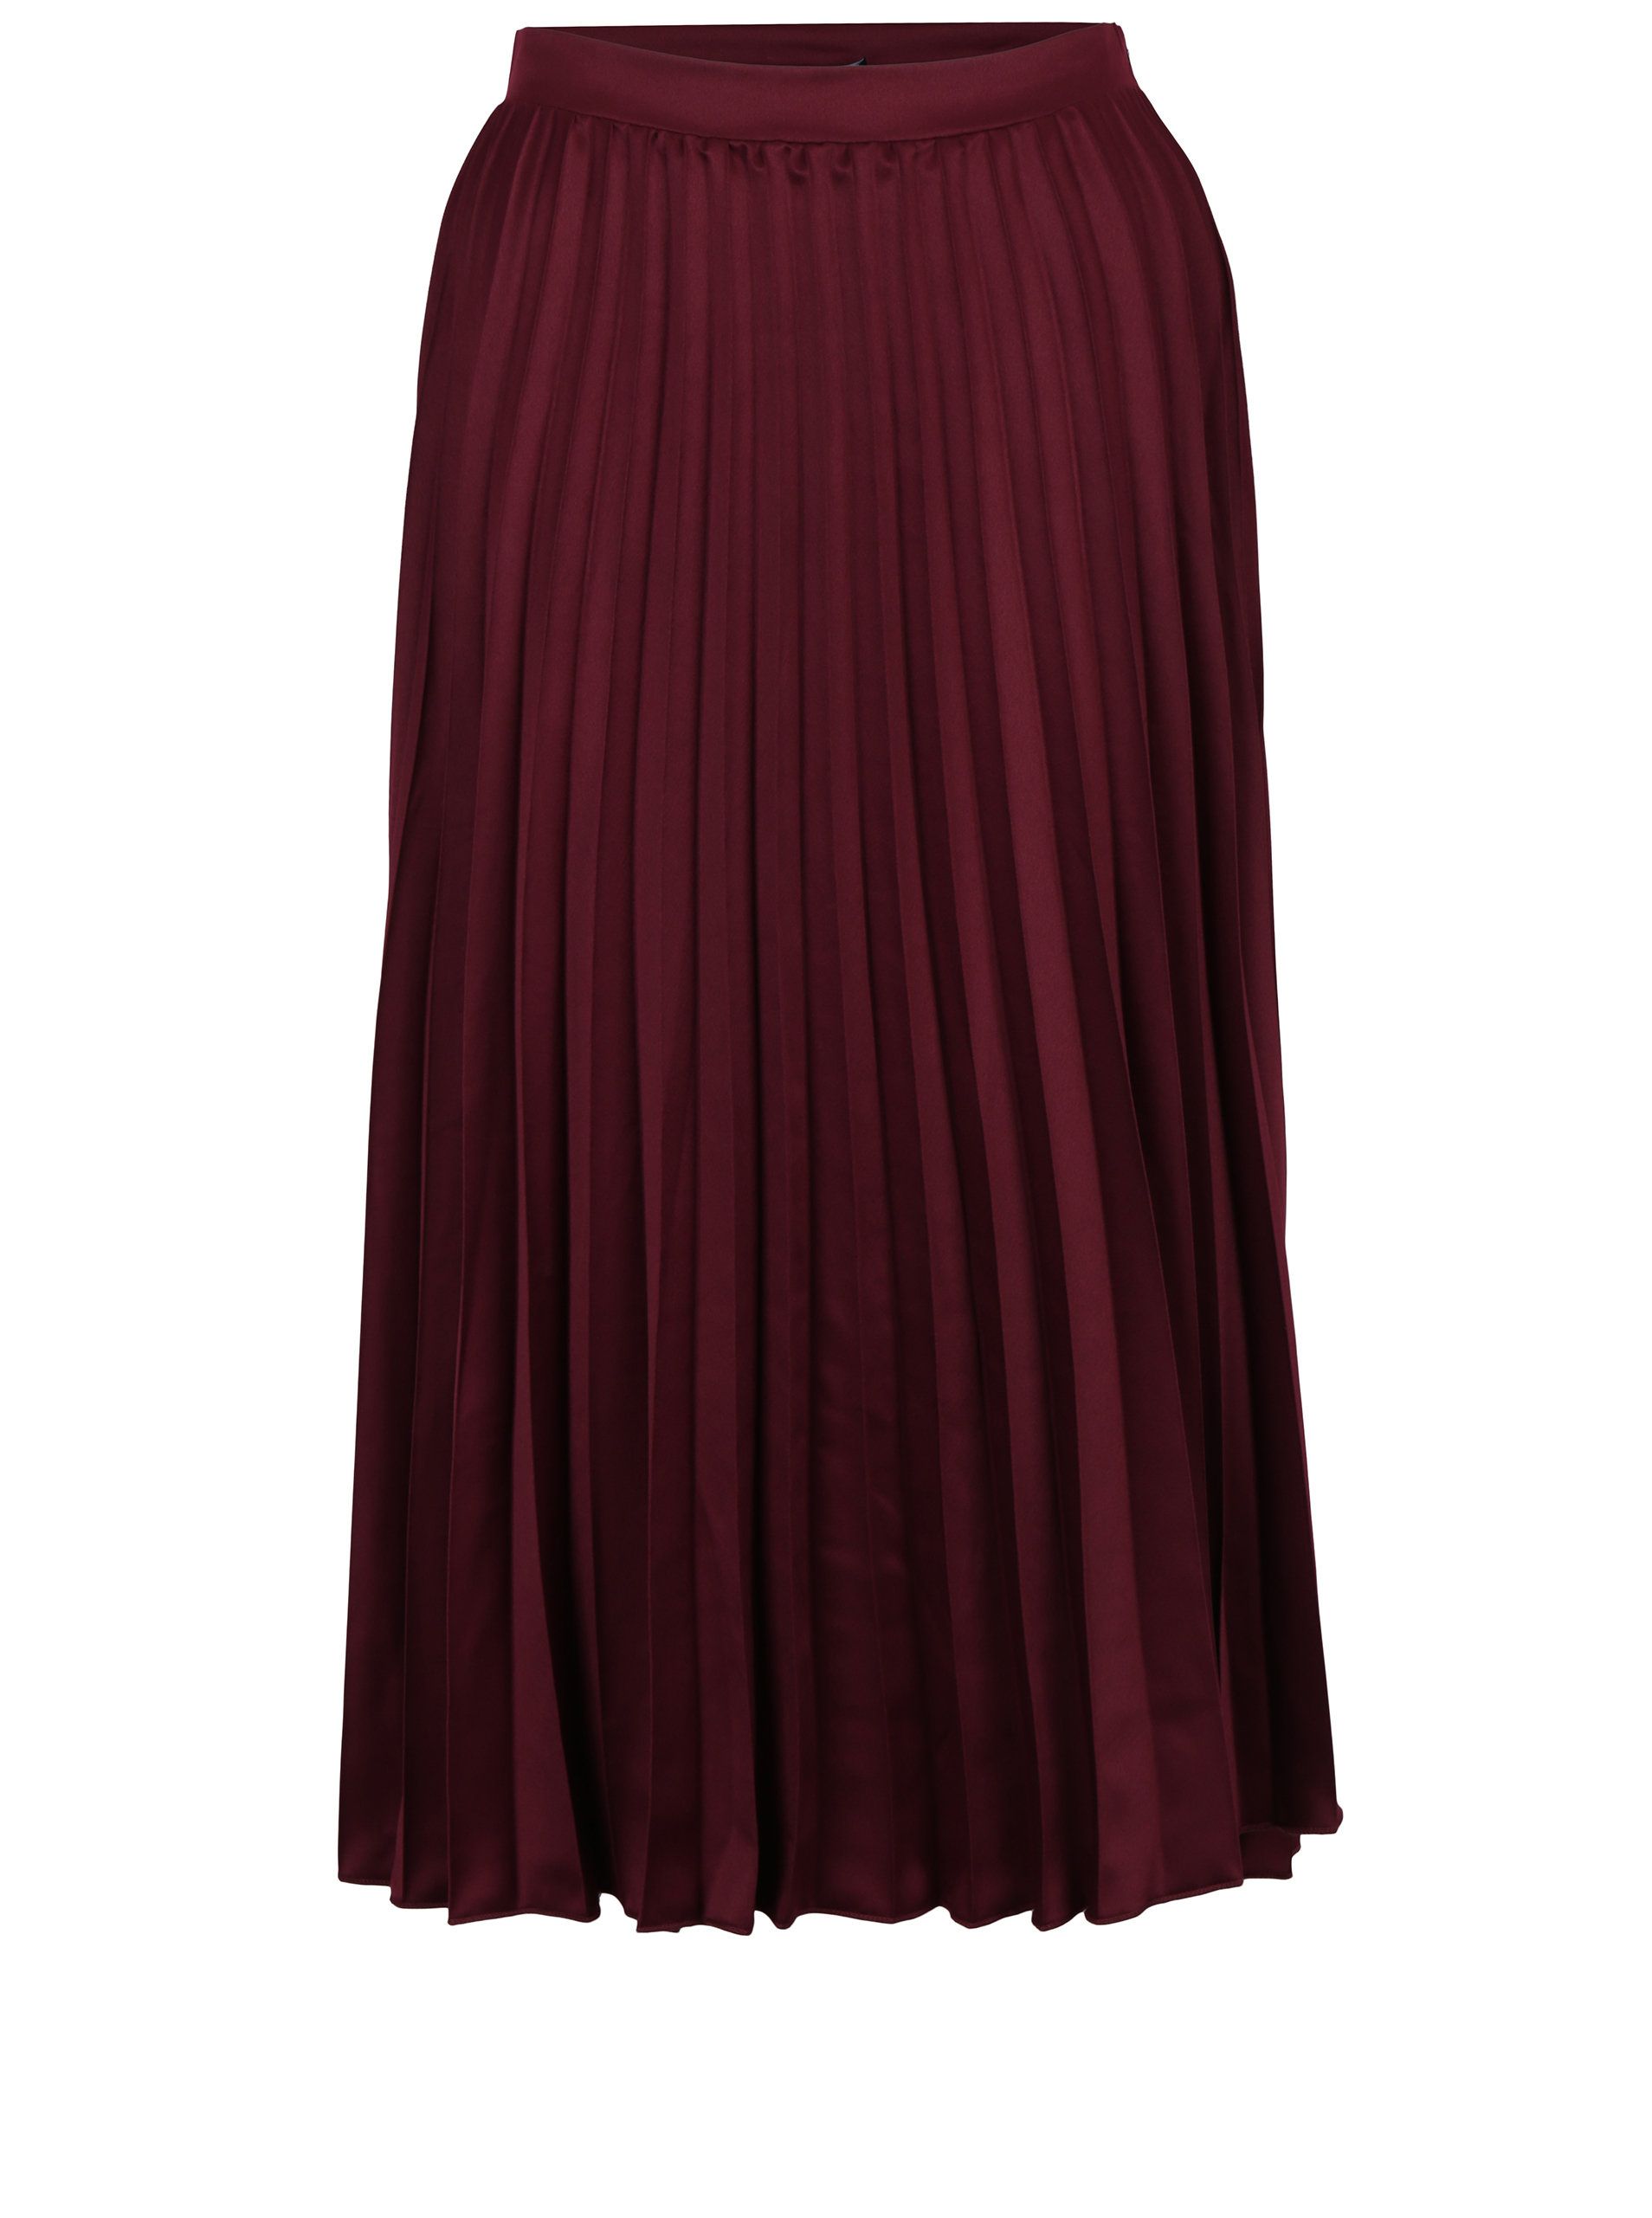 Vínová plisovaná midi sukně ZOOT ... 8435a53264